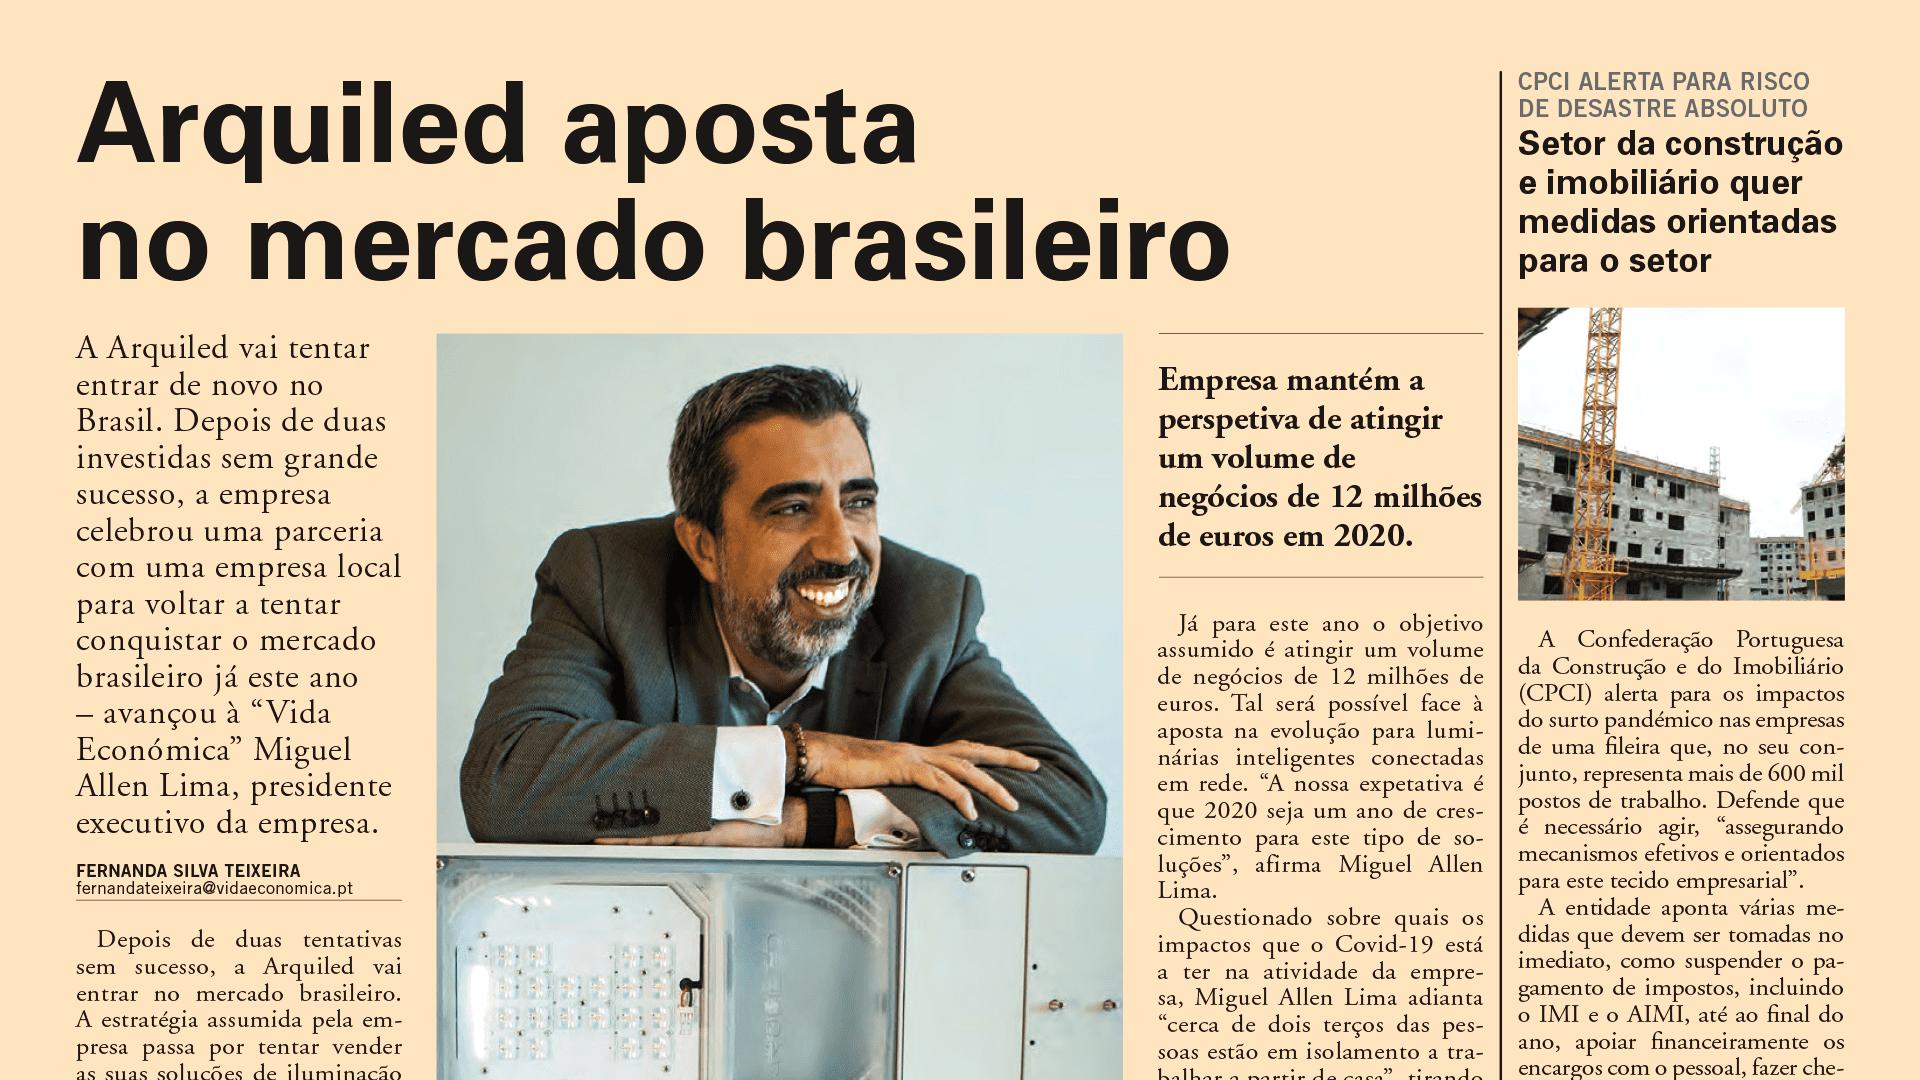 Vida Económica revela estratégia da Arquiled no regresso ao mercado Brasileiro